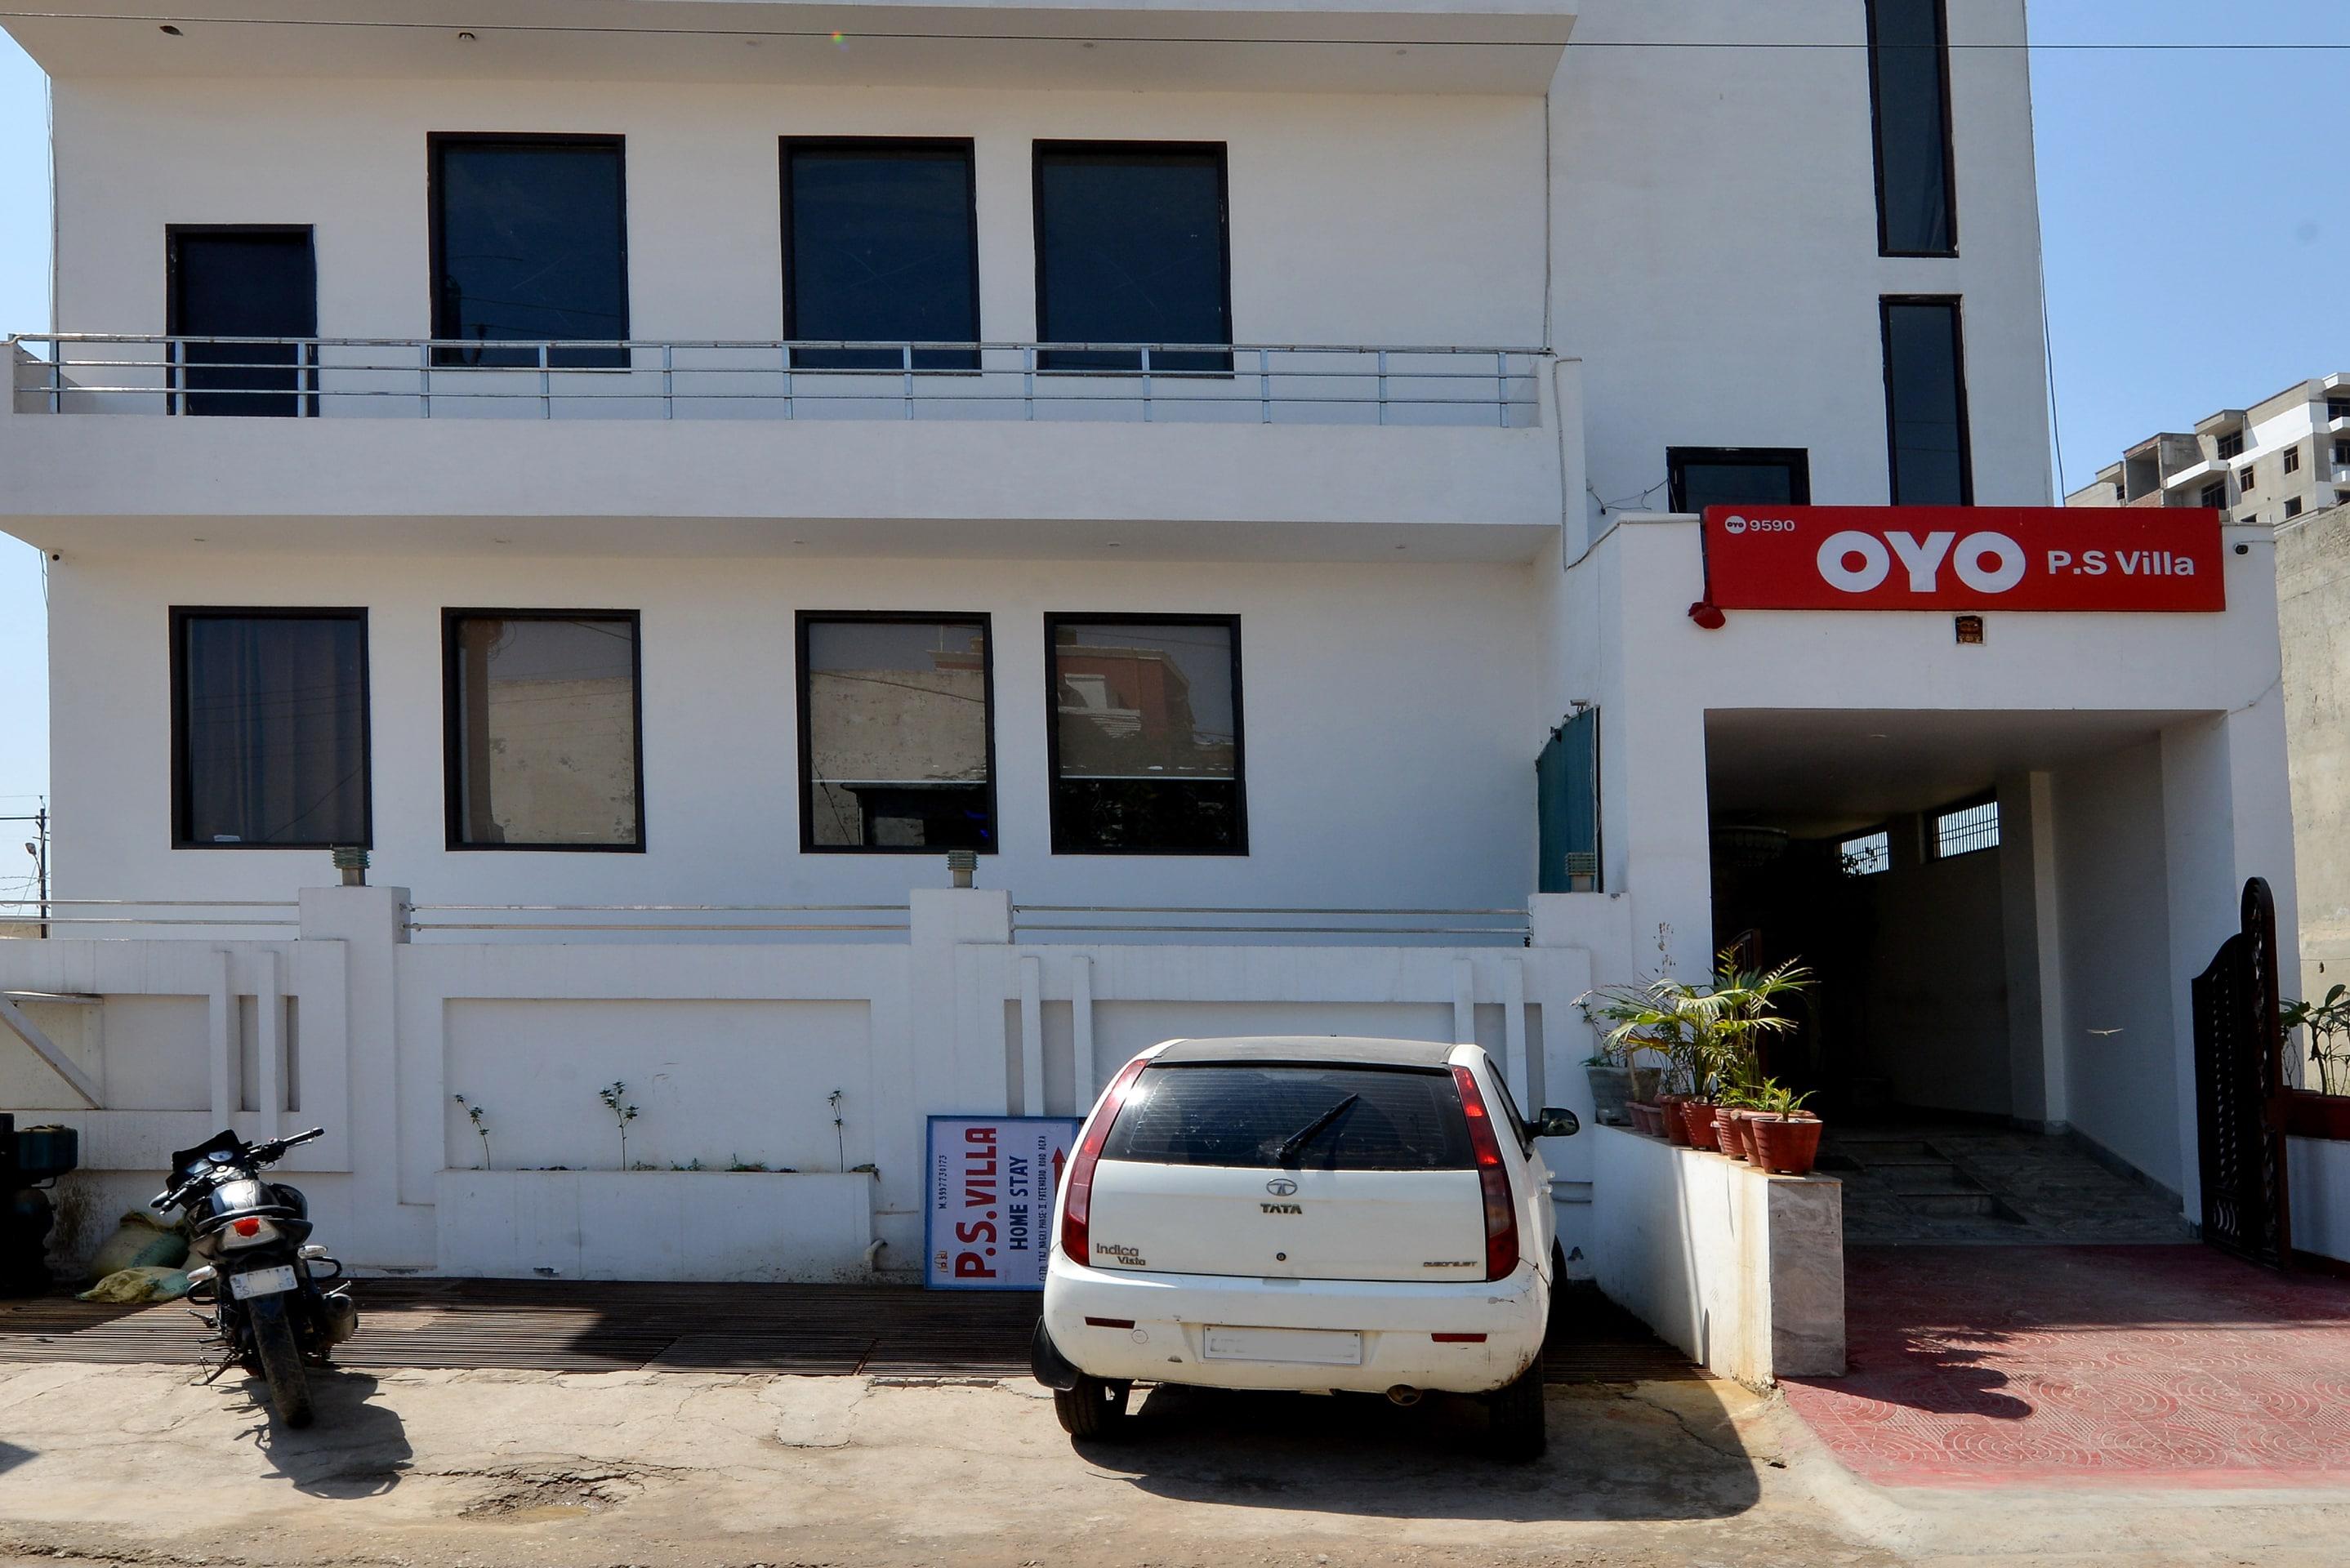 OYO 9590 P S Villa